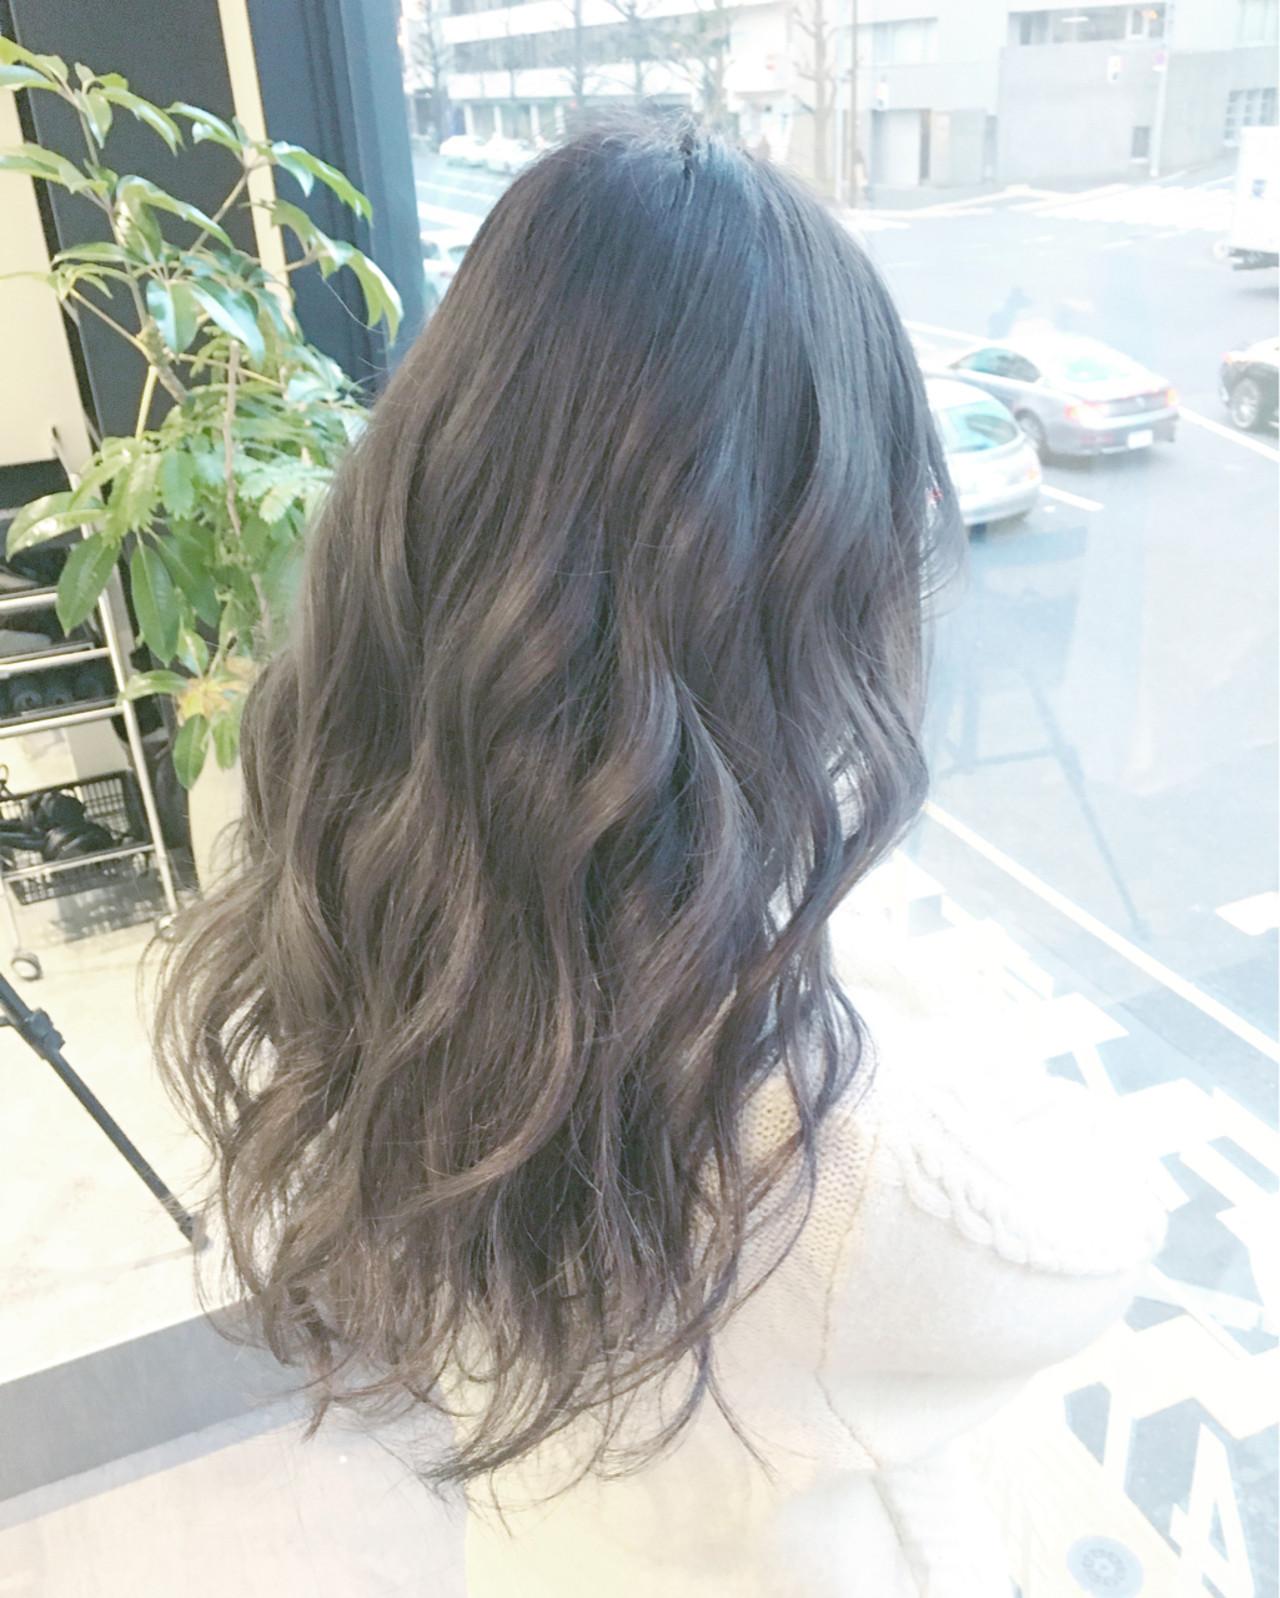 波ウェーブで外国人の少女のようなクセ毛風が、大人かわいいスタイルです。暗めのカラーでも、ツヤ感はバッチリ!